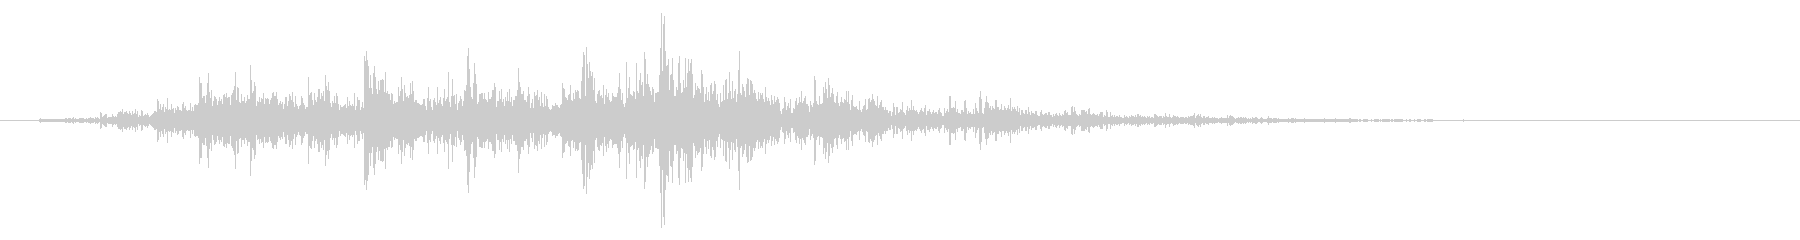 ガラガラ_崩れる音_05の未再生の波形